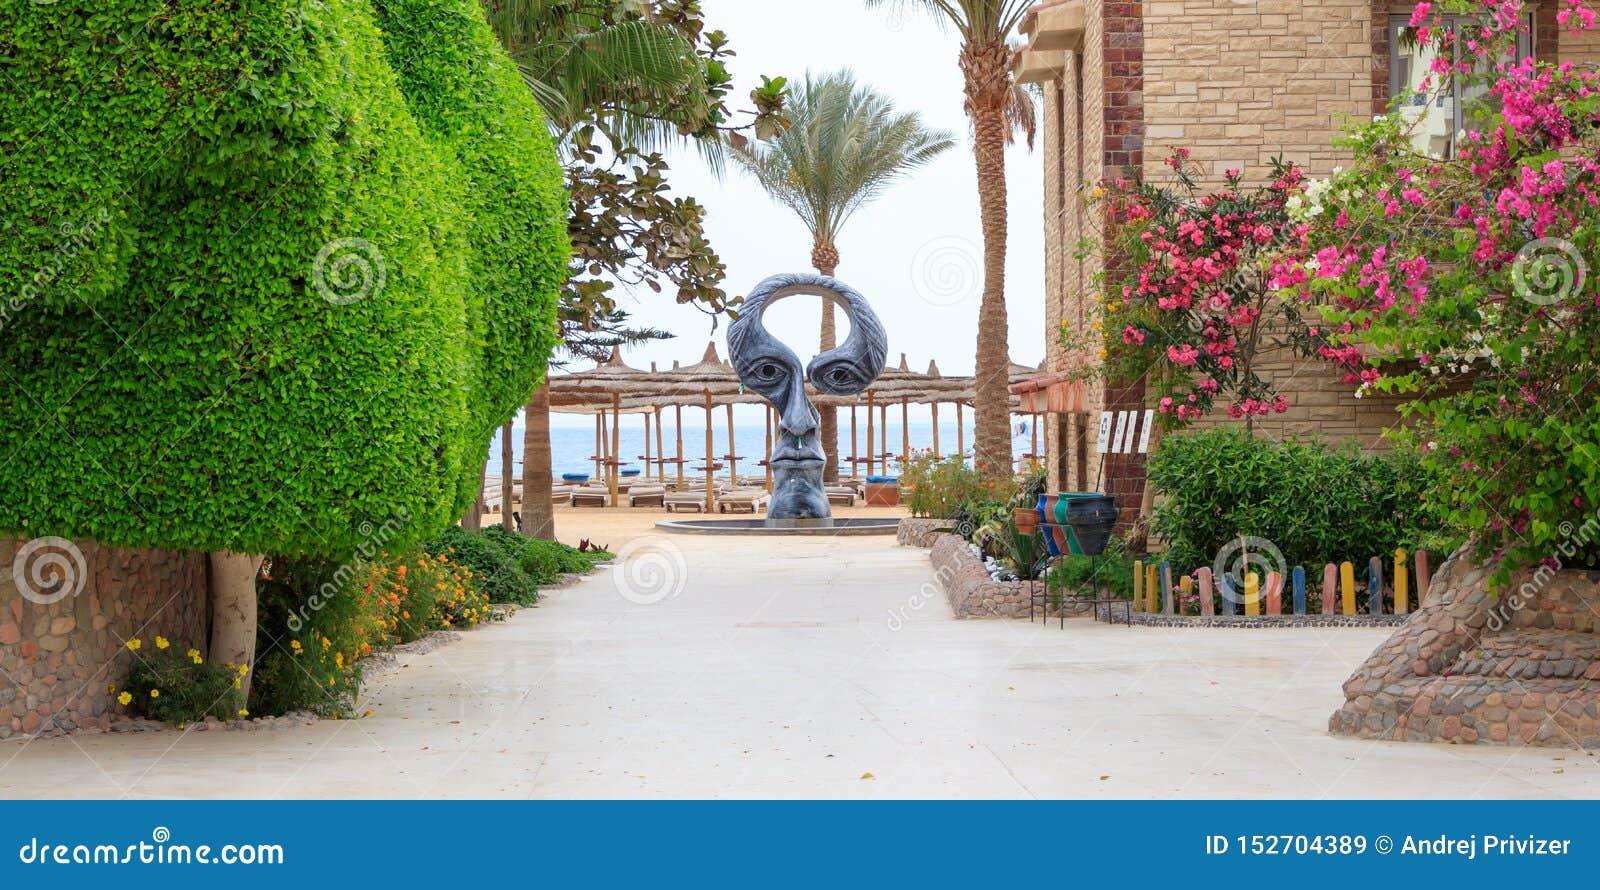 Douche op het strand in de vorm van een menselijke hoofd, Egyptische het Strandtoevlucht van de hotelzeemeeuw